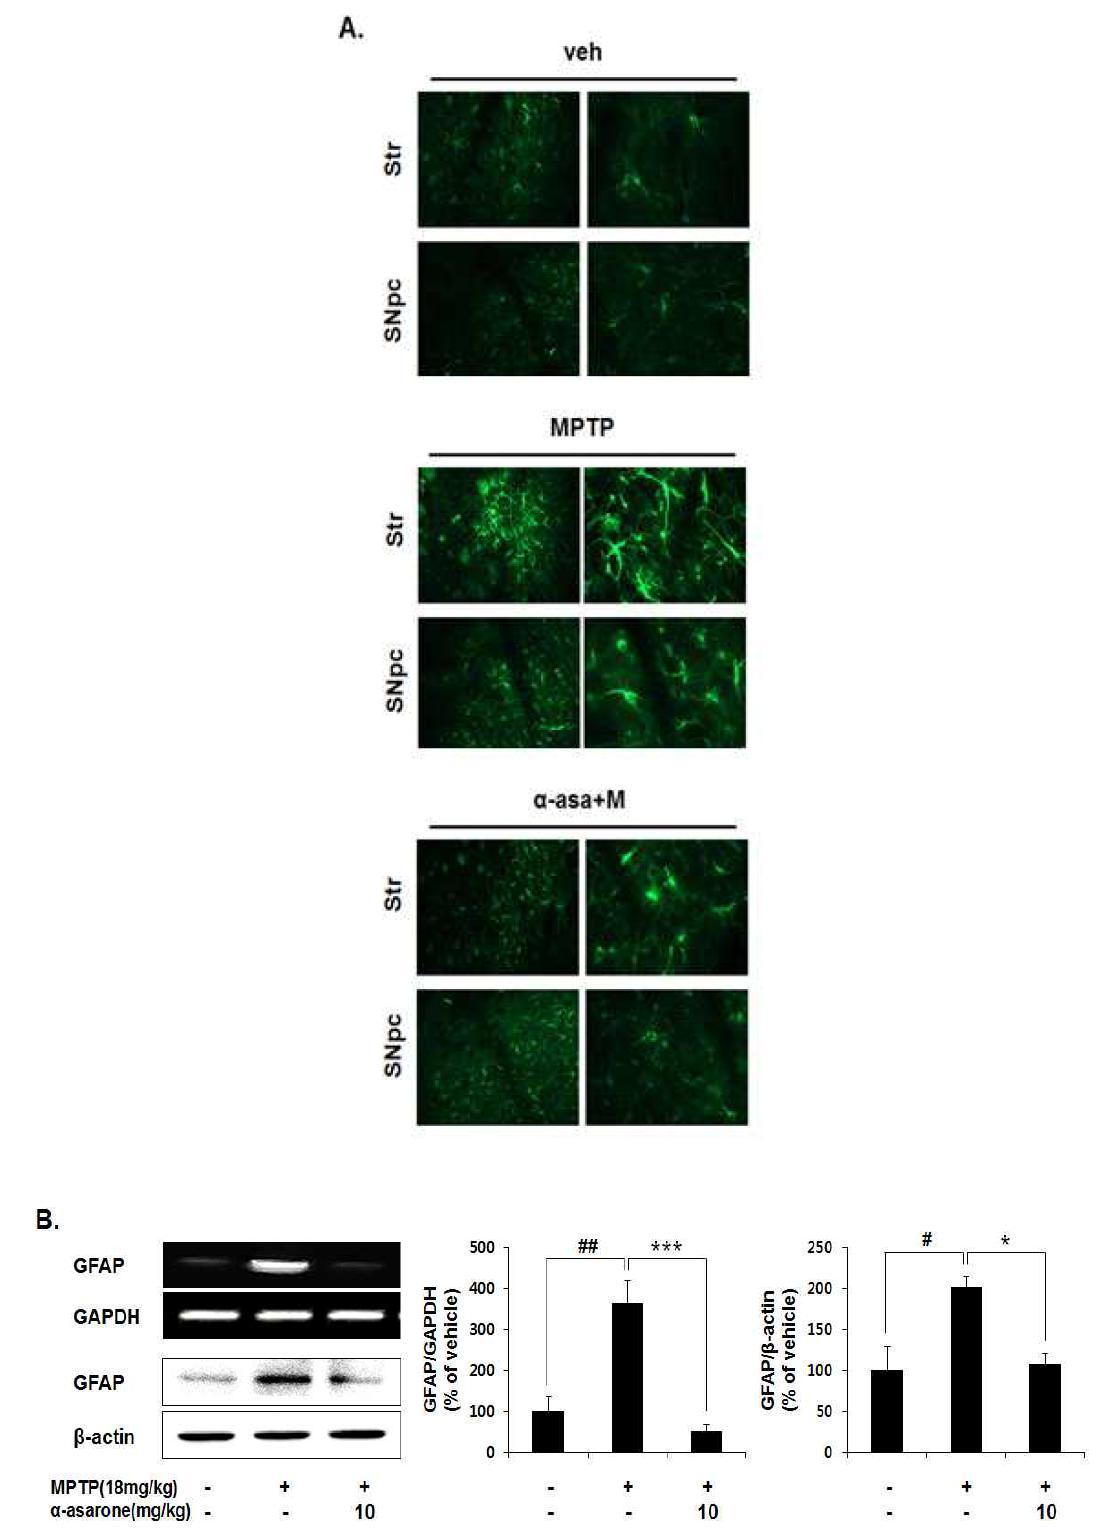 α-Asarone suppression of MPTP-induced activated astroglia